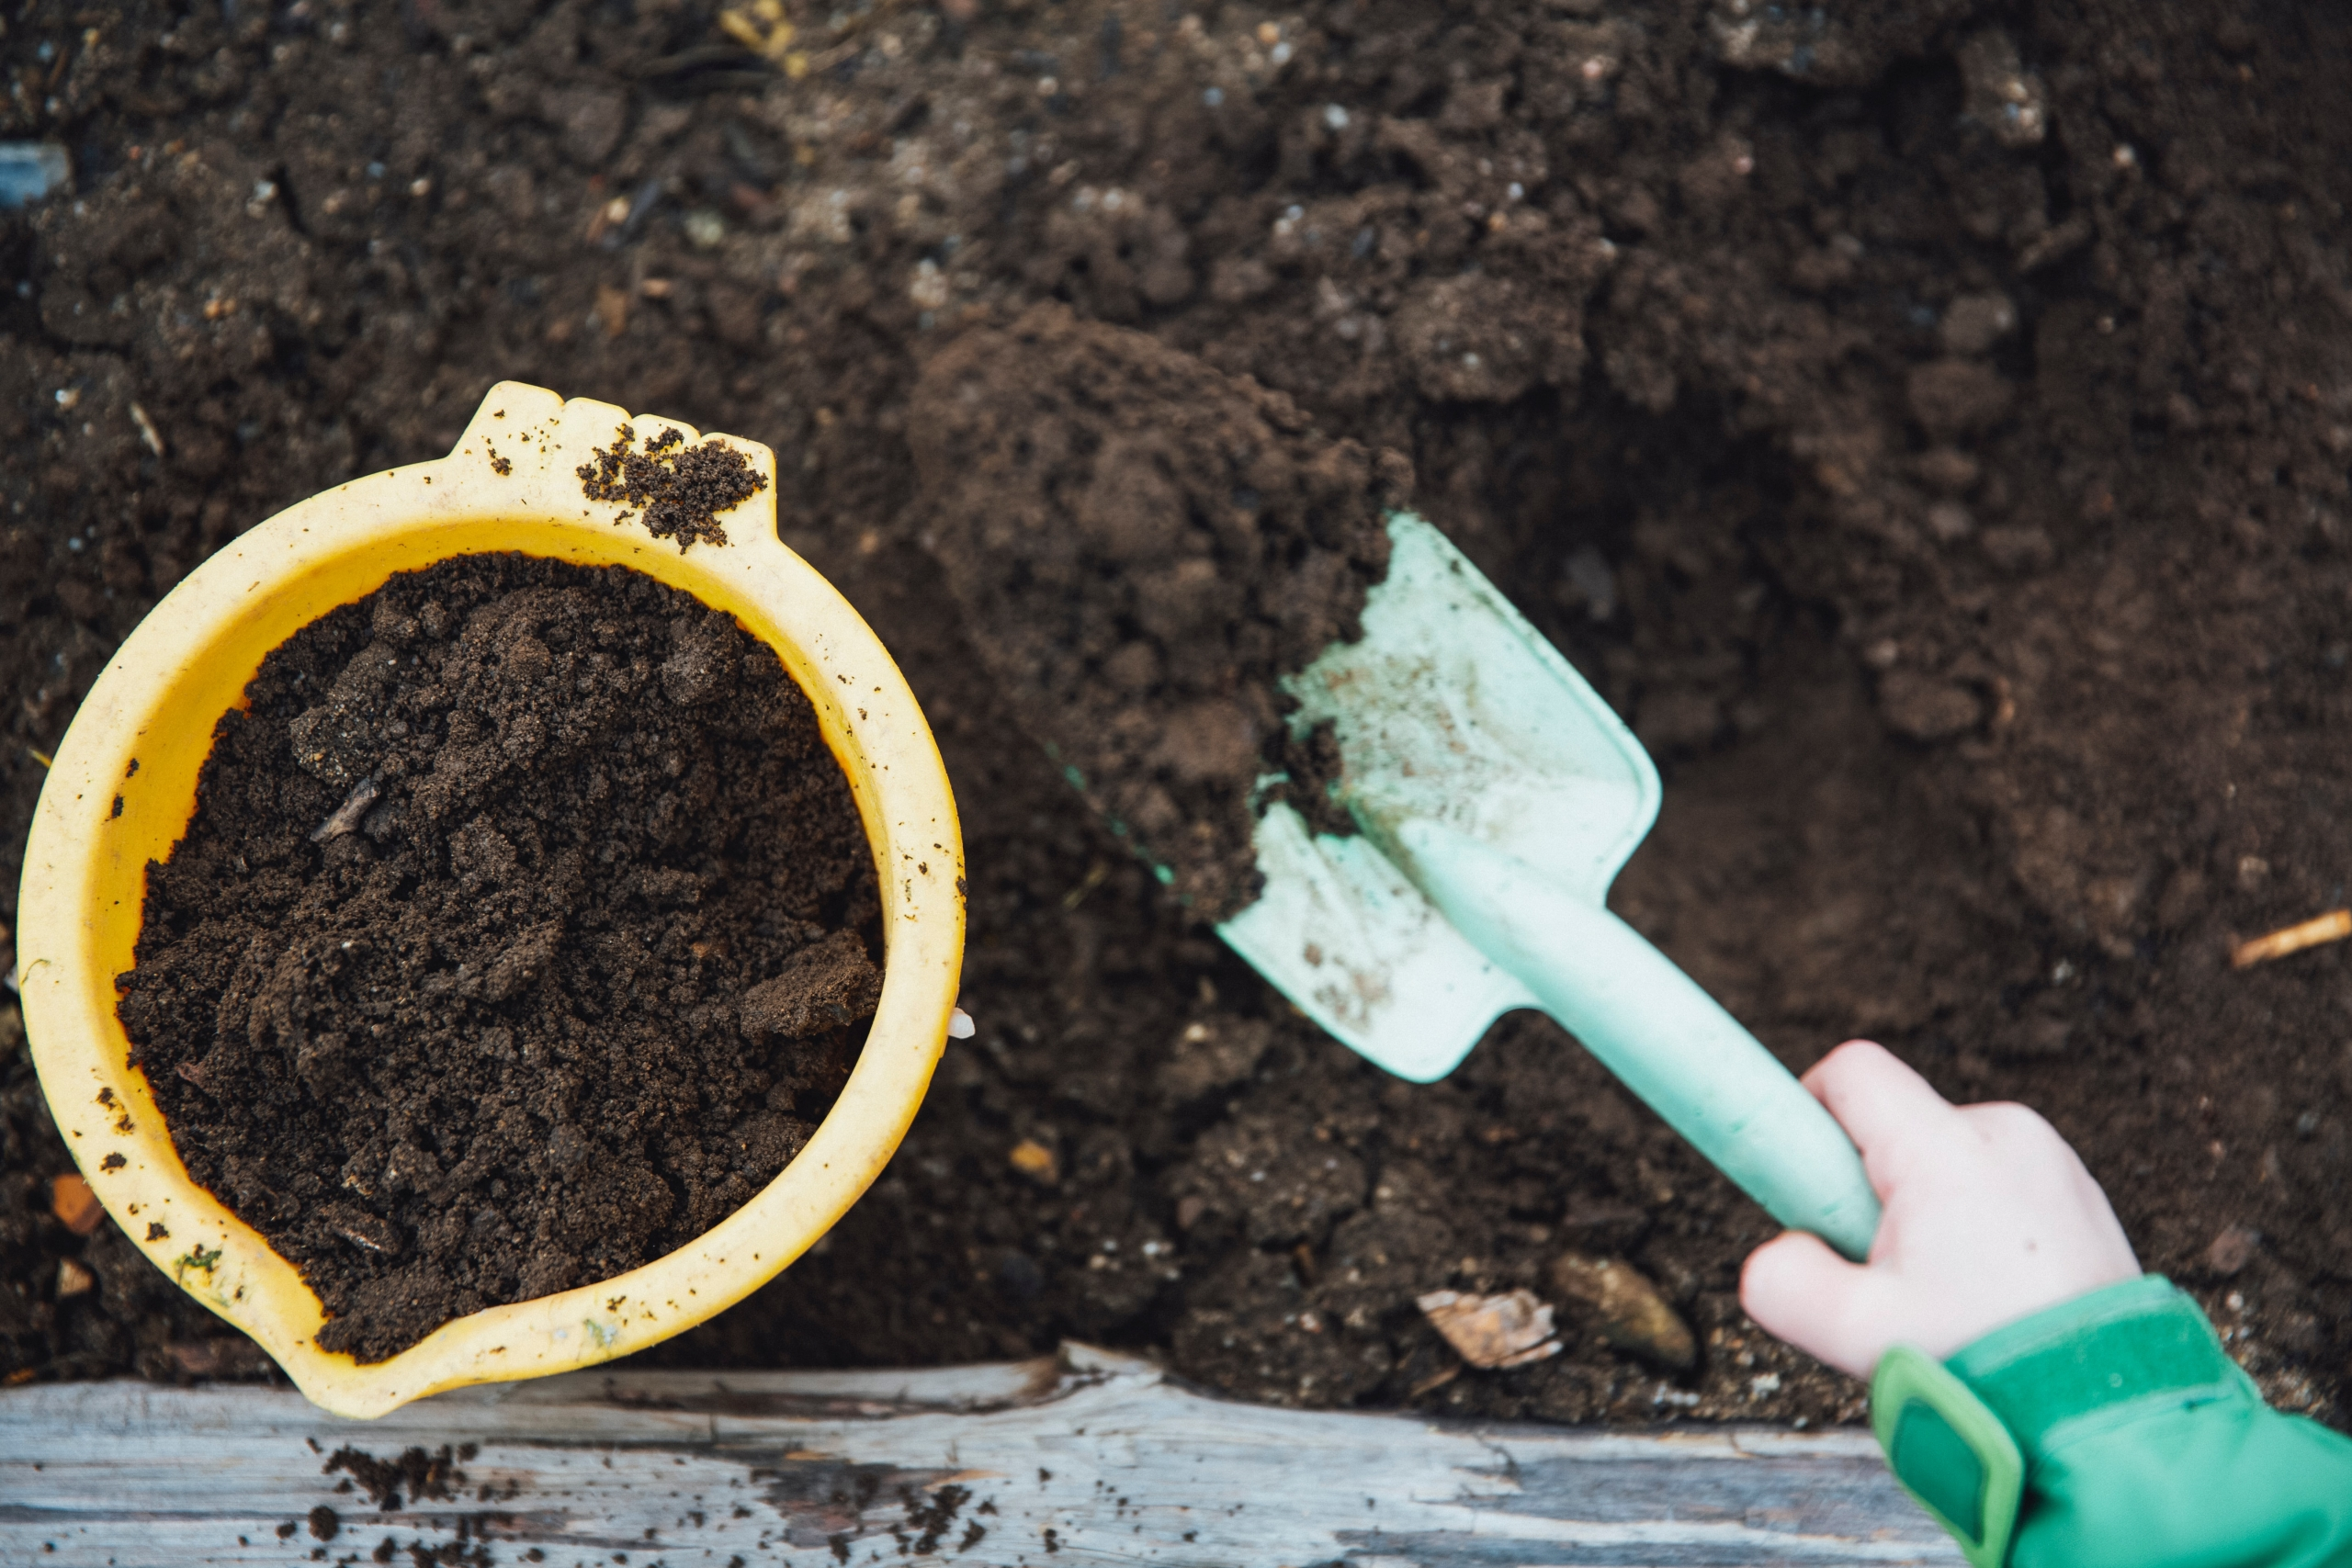 Niño sacando compost